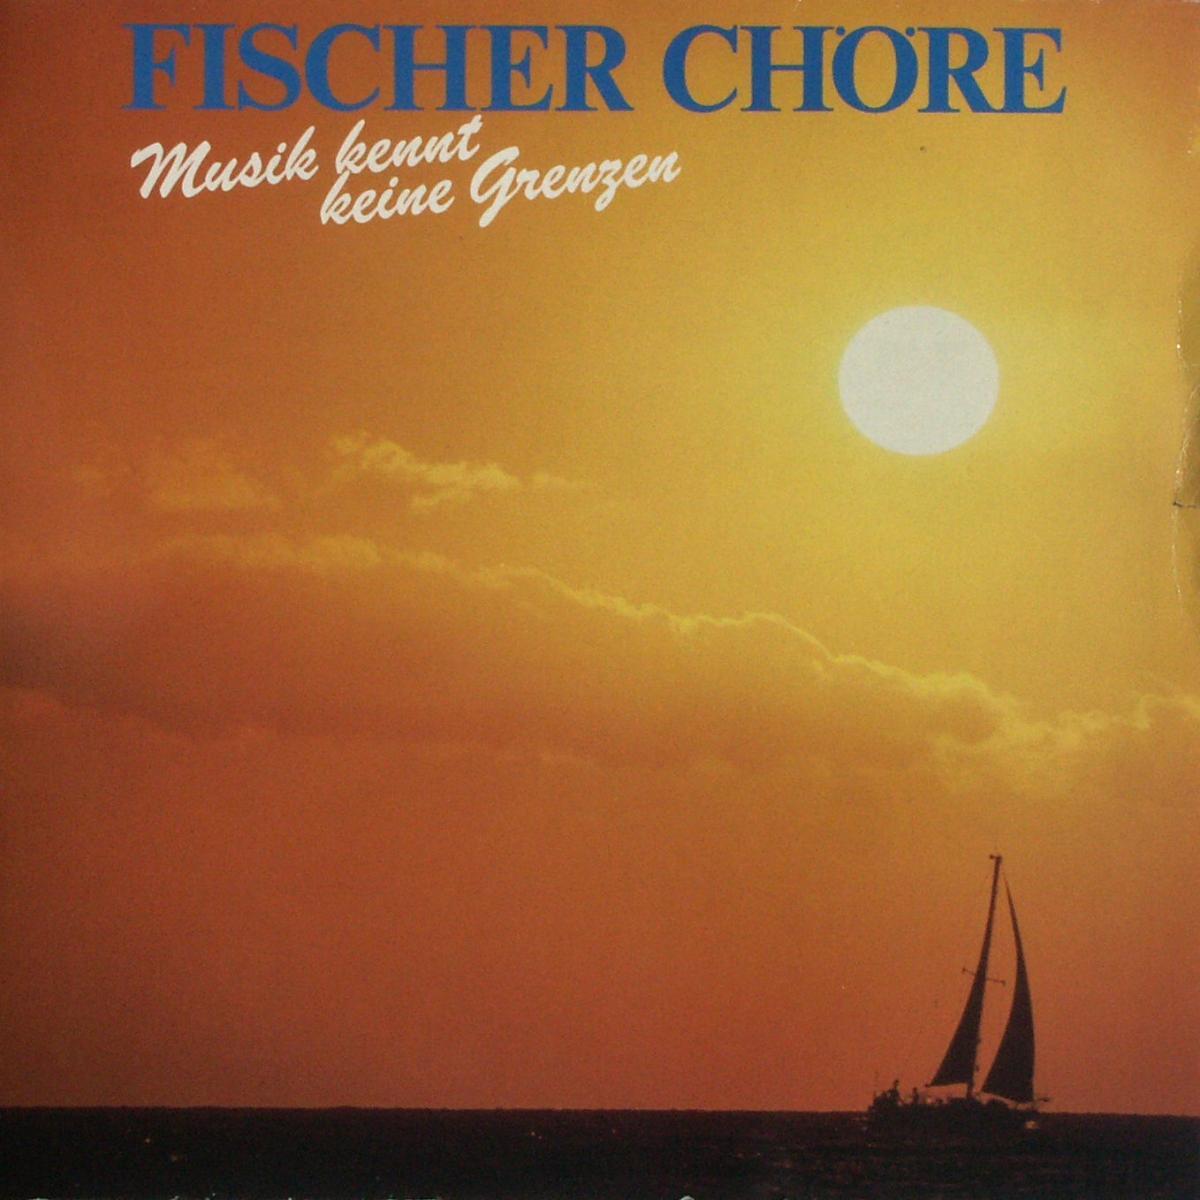 Fischer-Chöre - Musik Kennt Keine Grenzen [LP]